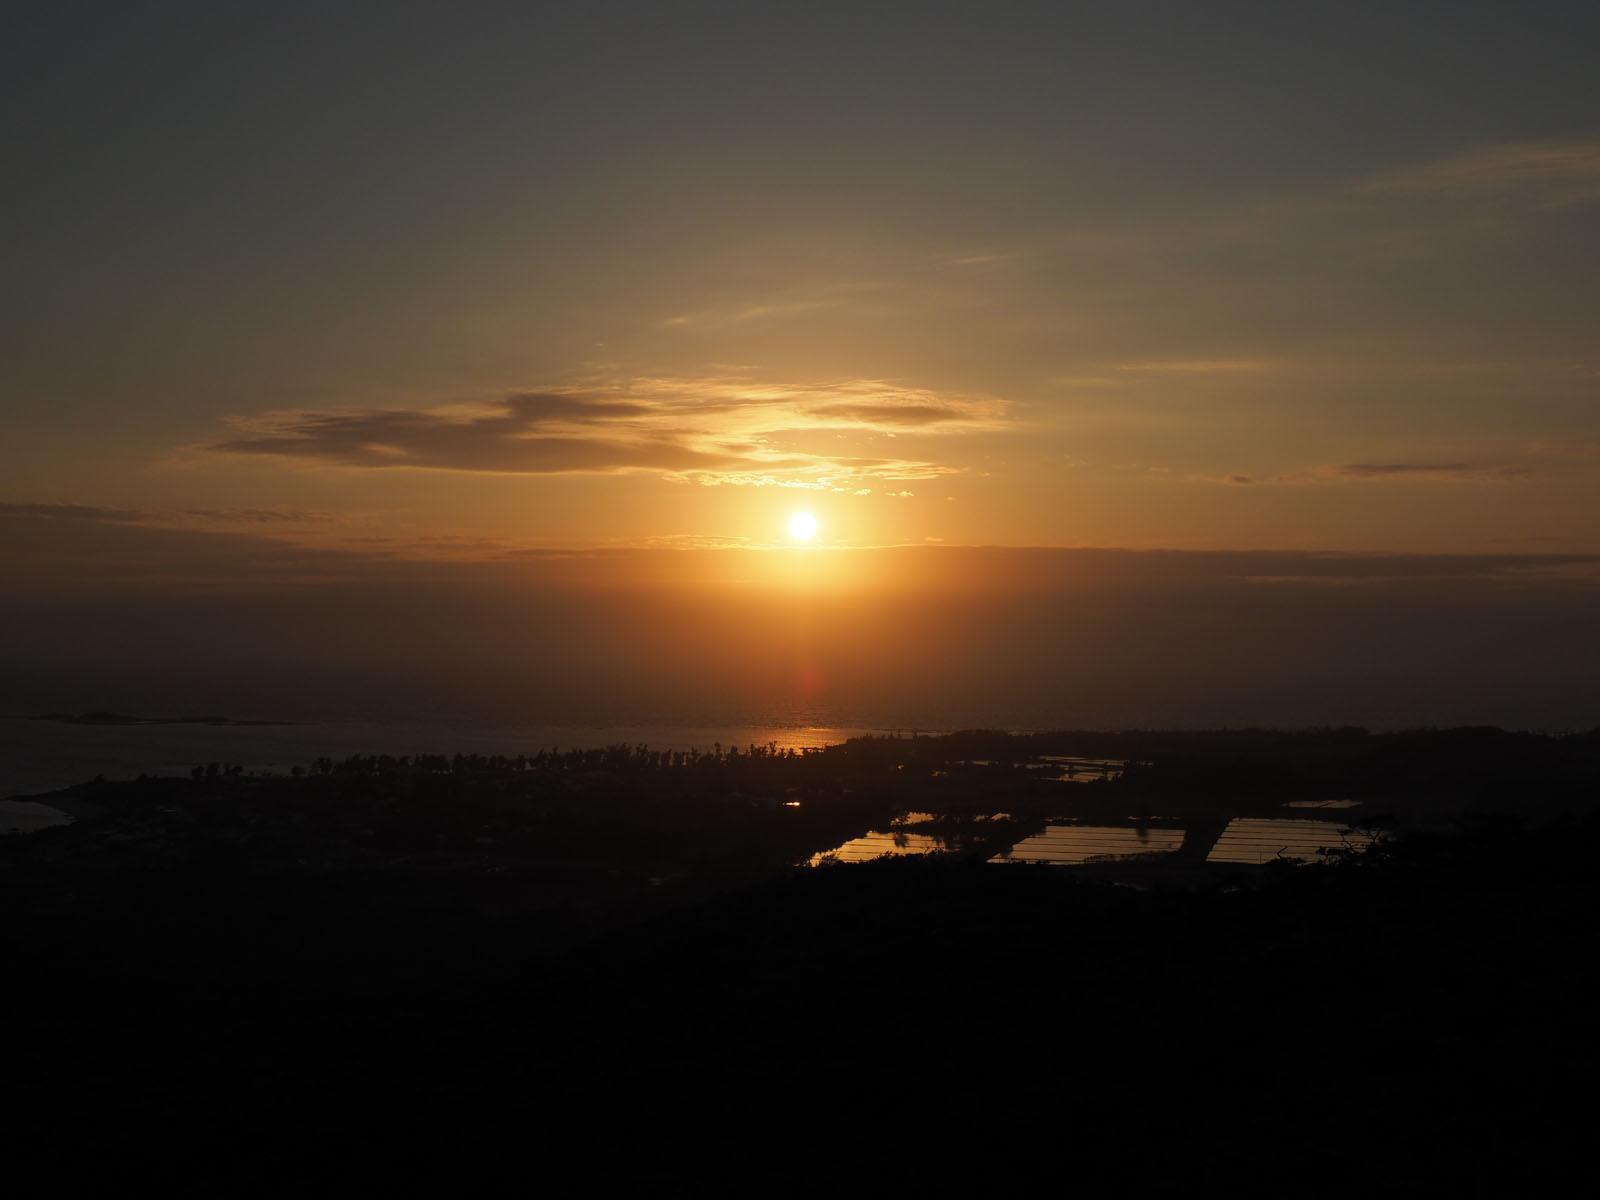 チヂン岳からの夕日